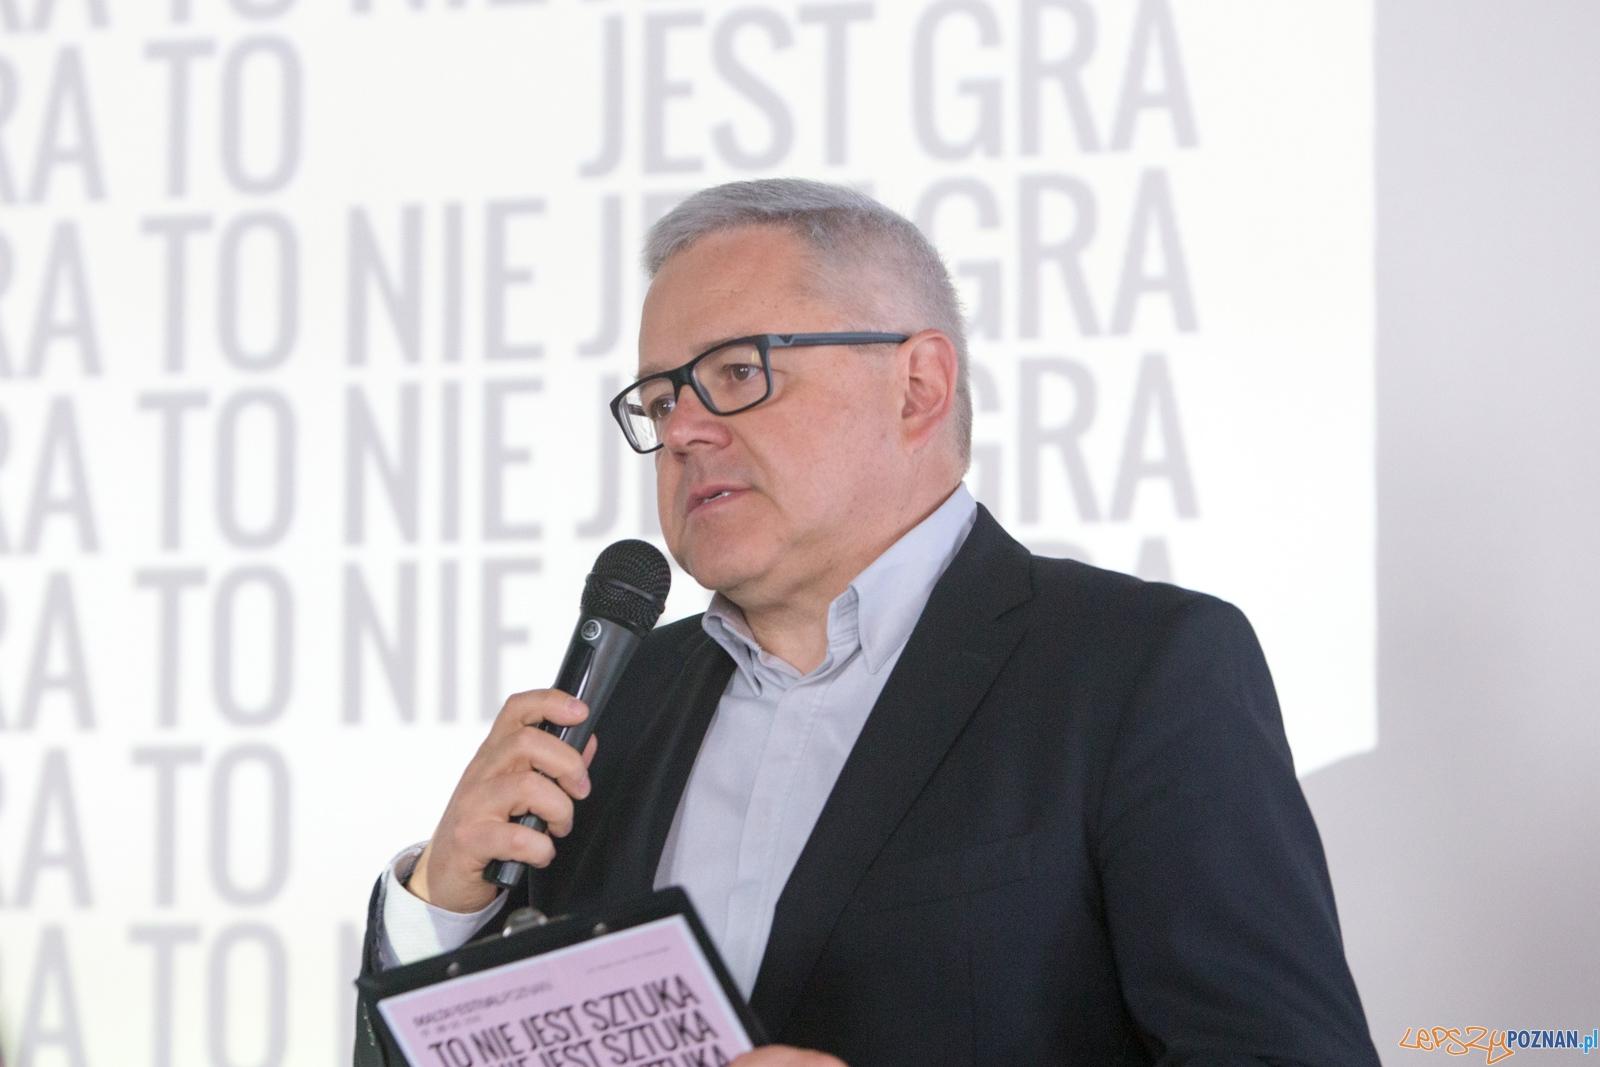 Dyrektor Festiwalu Malta - Michał Merczyński  Foto: lepszyPOZNAN.pl / Piotr Rychter